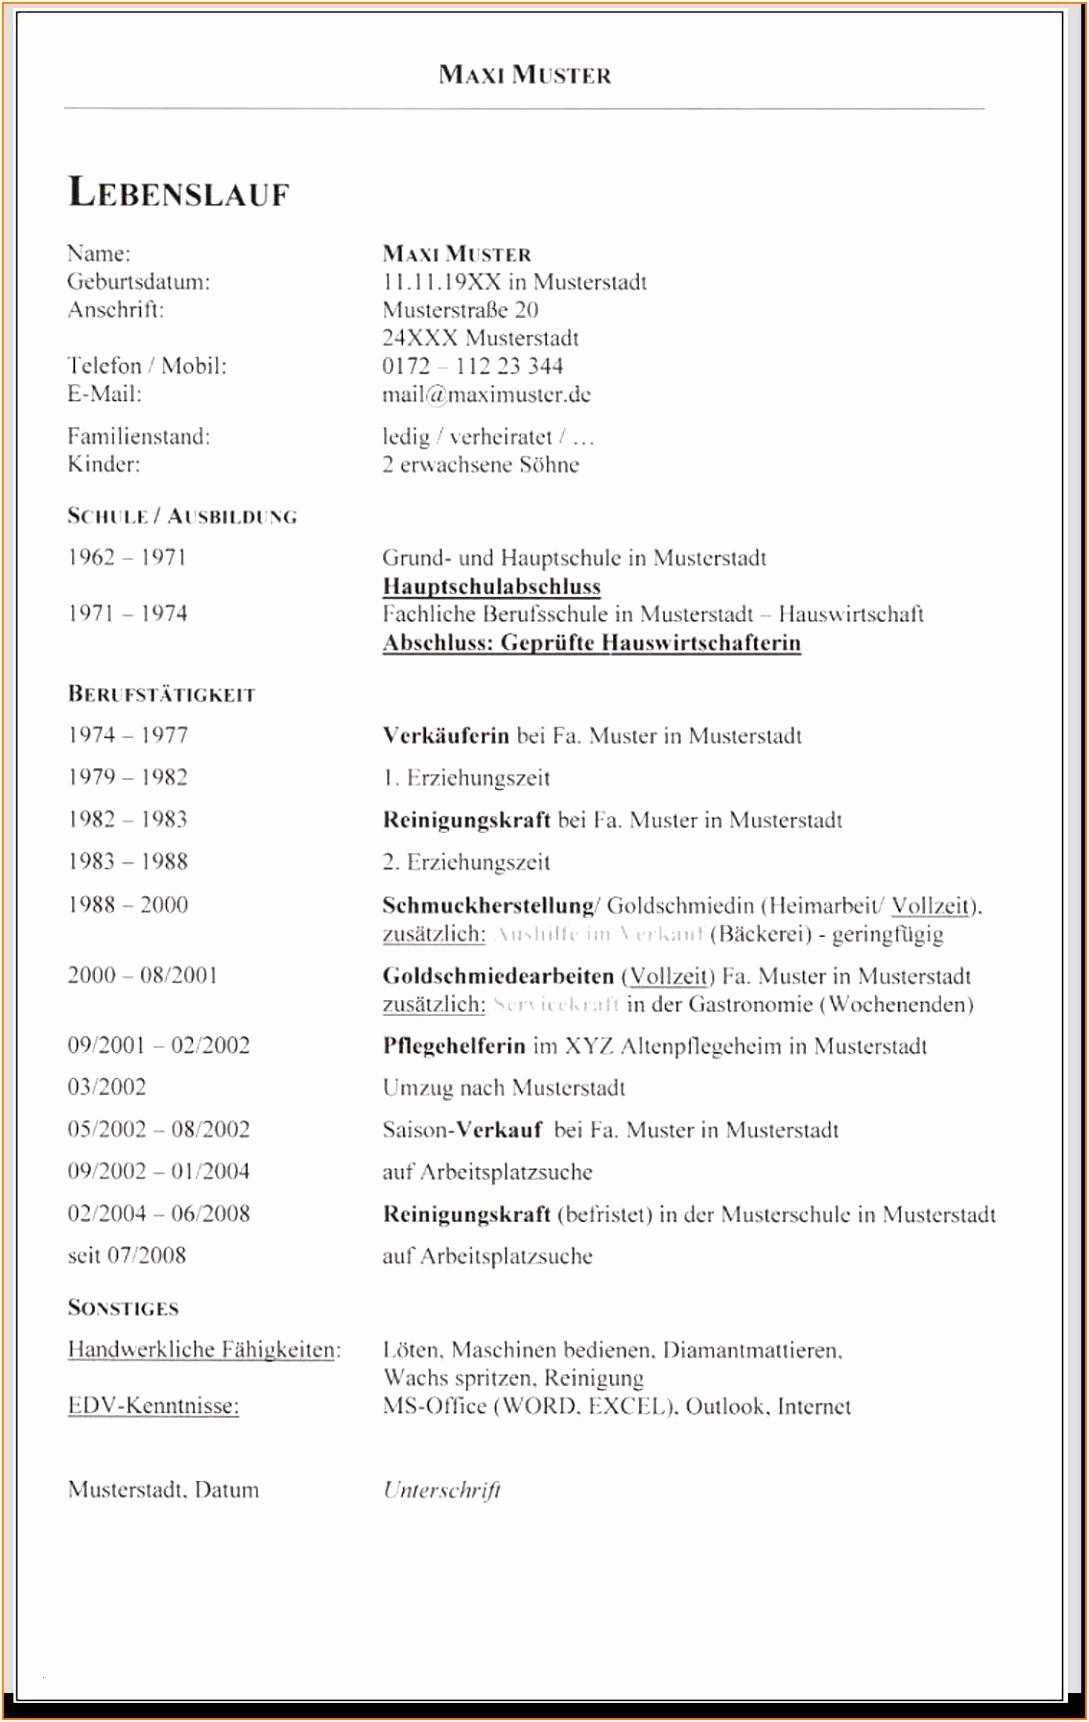 Arbeitszeugnis Hauswirtschafterin Vorlage 7 Lebenslauf Muster Gastronomie N0ai63hrr8 T2rwh2waa4